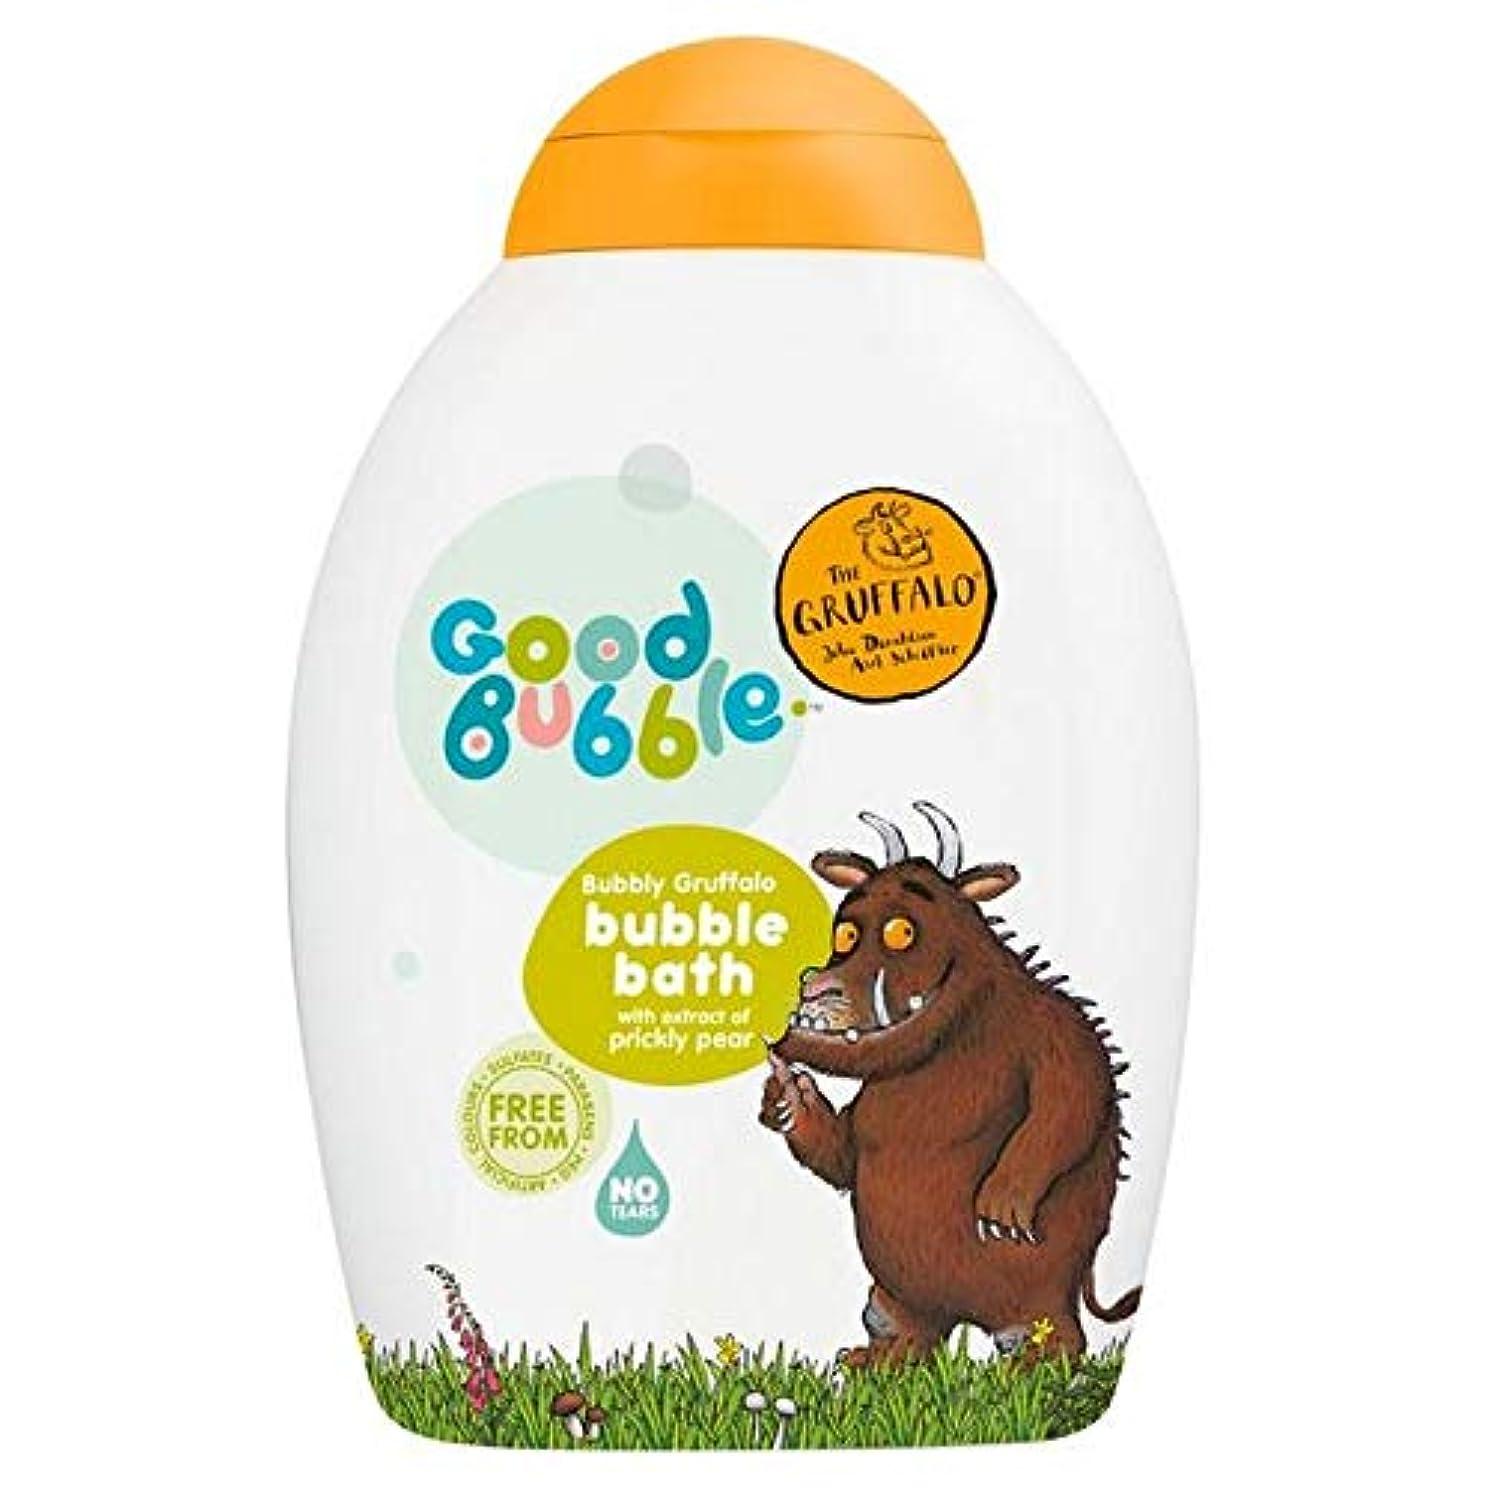 洞窟疑わしい追い越す[Good Bubble ] ウチワサボテンエキス400ミリリットルとの良好なバブル快活Gruffaloの泡風呂 - Good Bubble Bubbly Gruffalo Bubble Bath with Prickly...